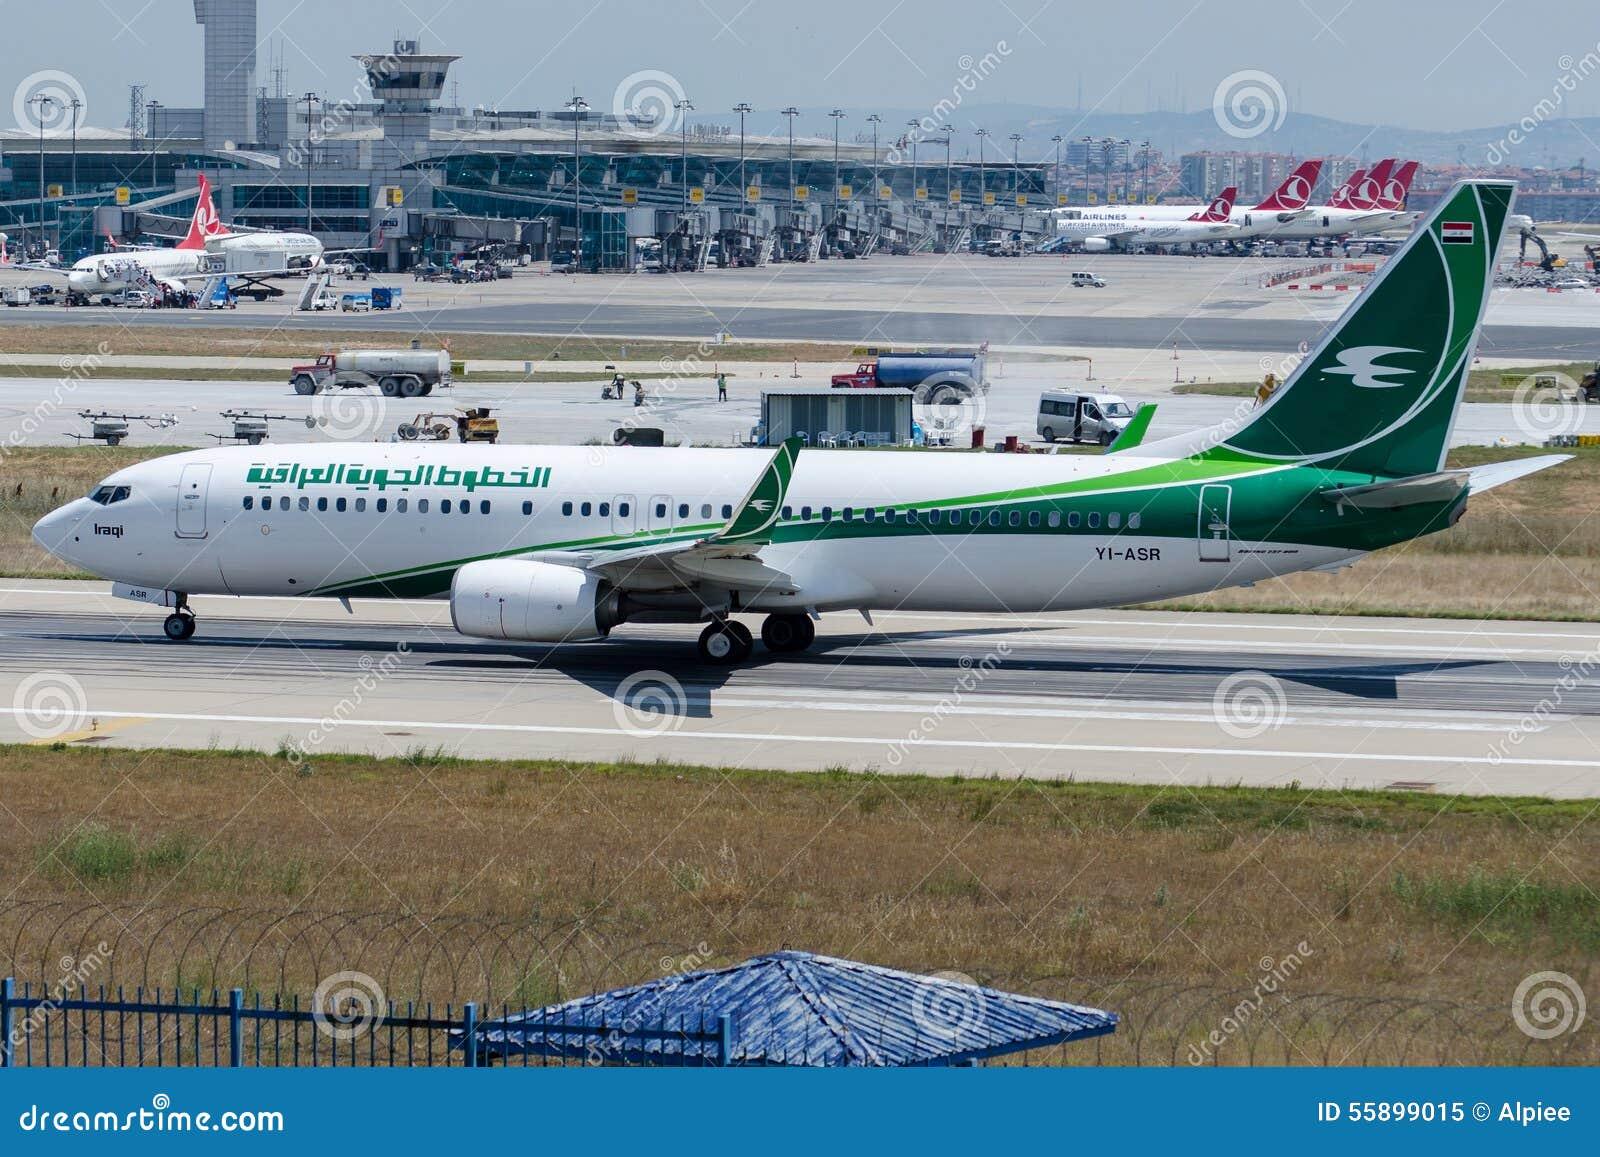 亚洲色囹��yi�yi�yolz)�_yi-asr伊拉克航空公司,波音737-81z 编辑类图片